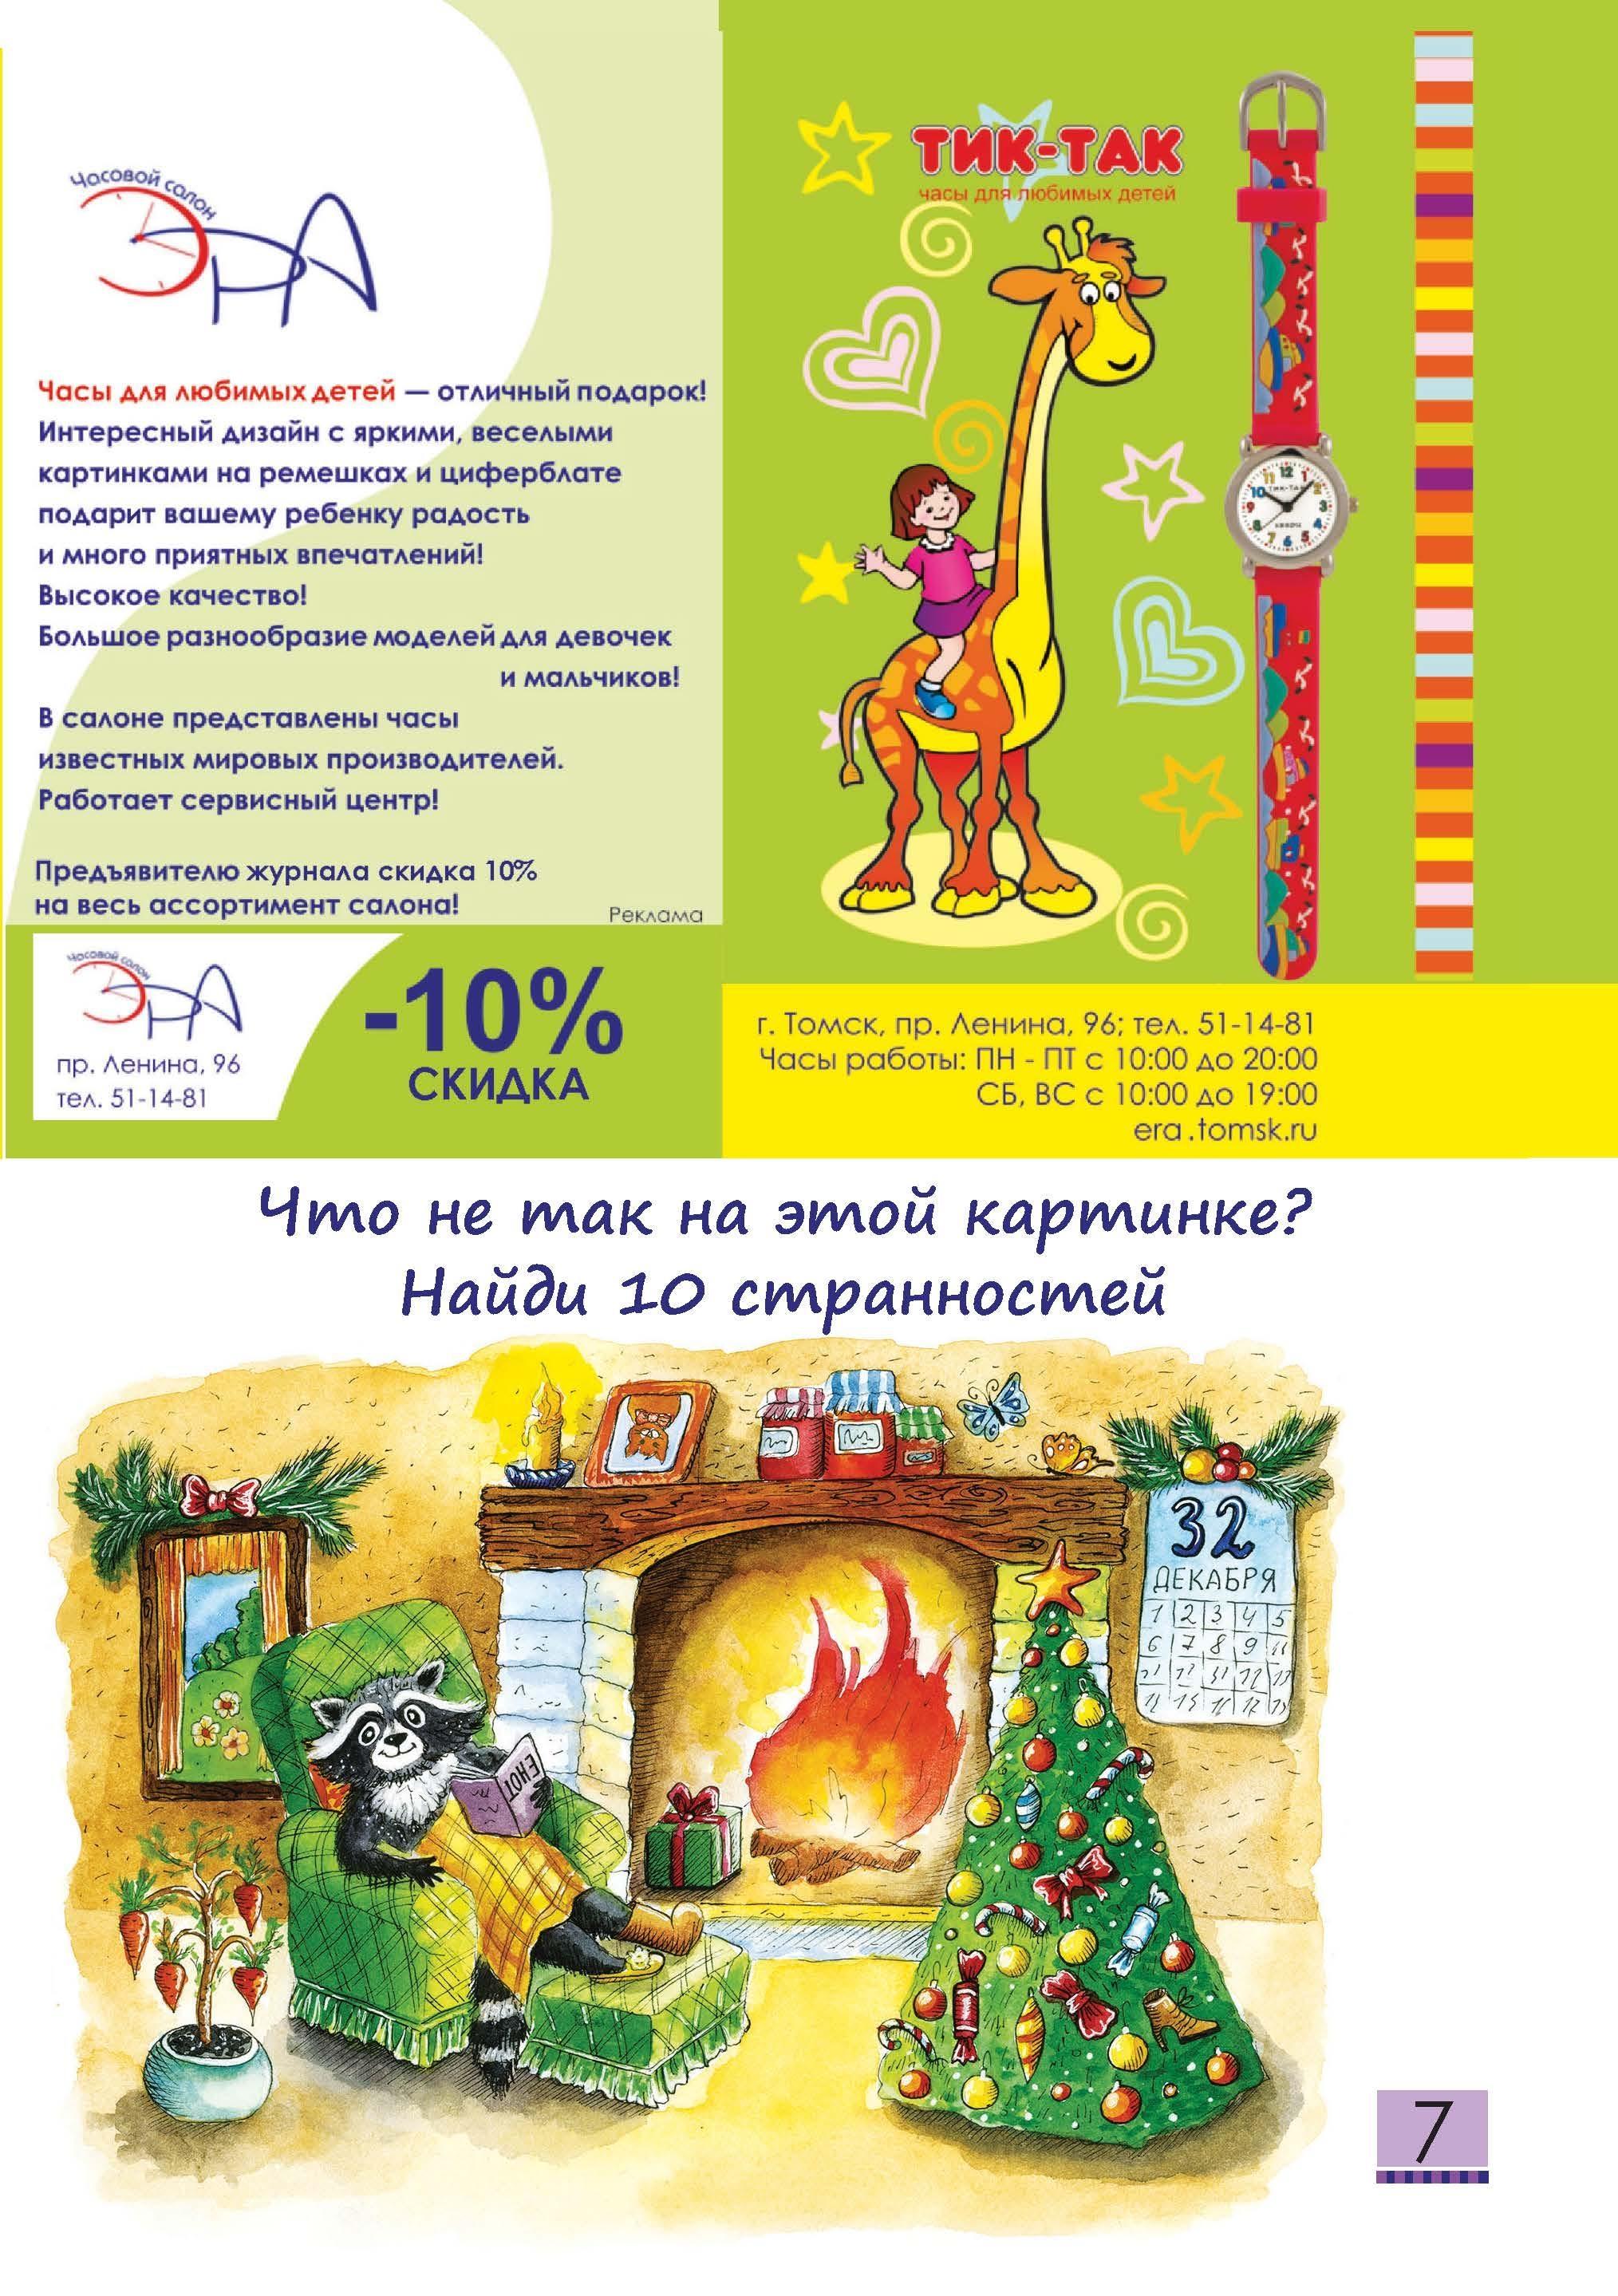 Детский журнал Енот - 2019.12 Страница 07